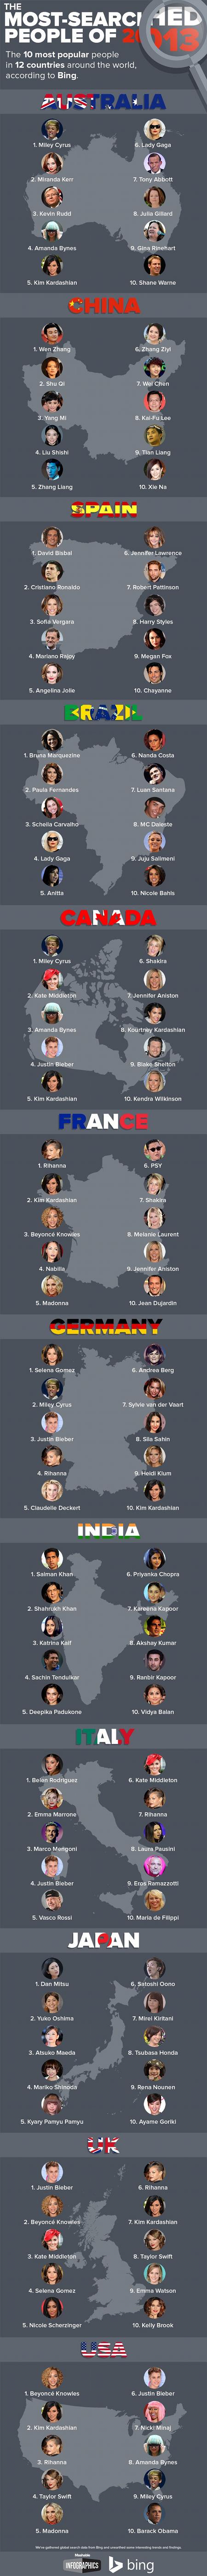 celebrites-plus-recherchees-internet